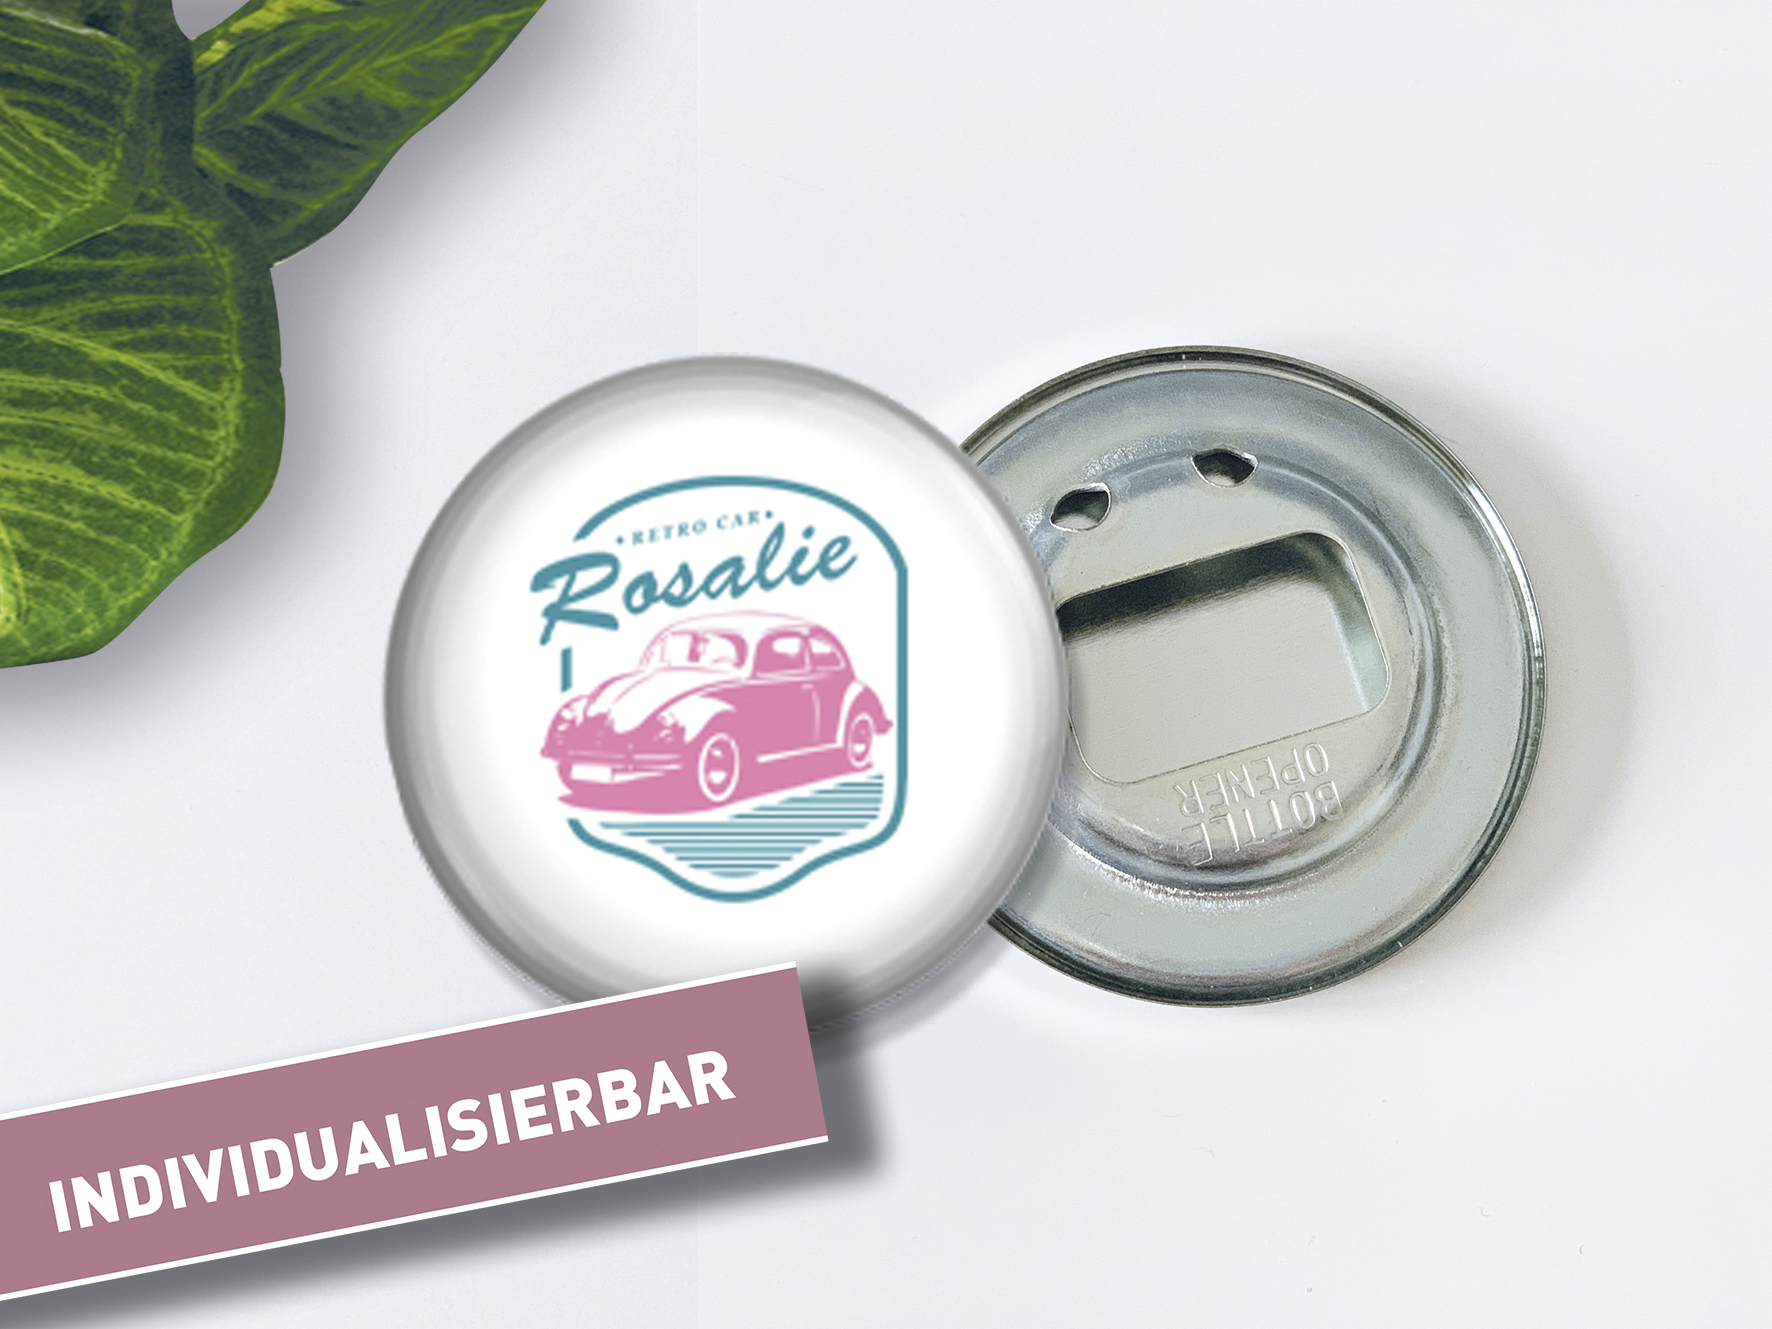 Individueller Flaschenöffner-Krabbler